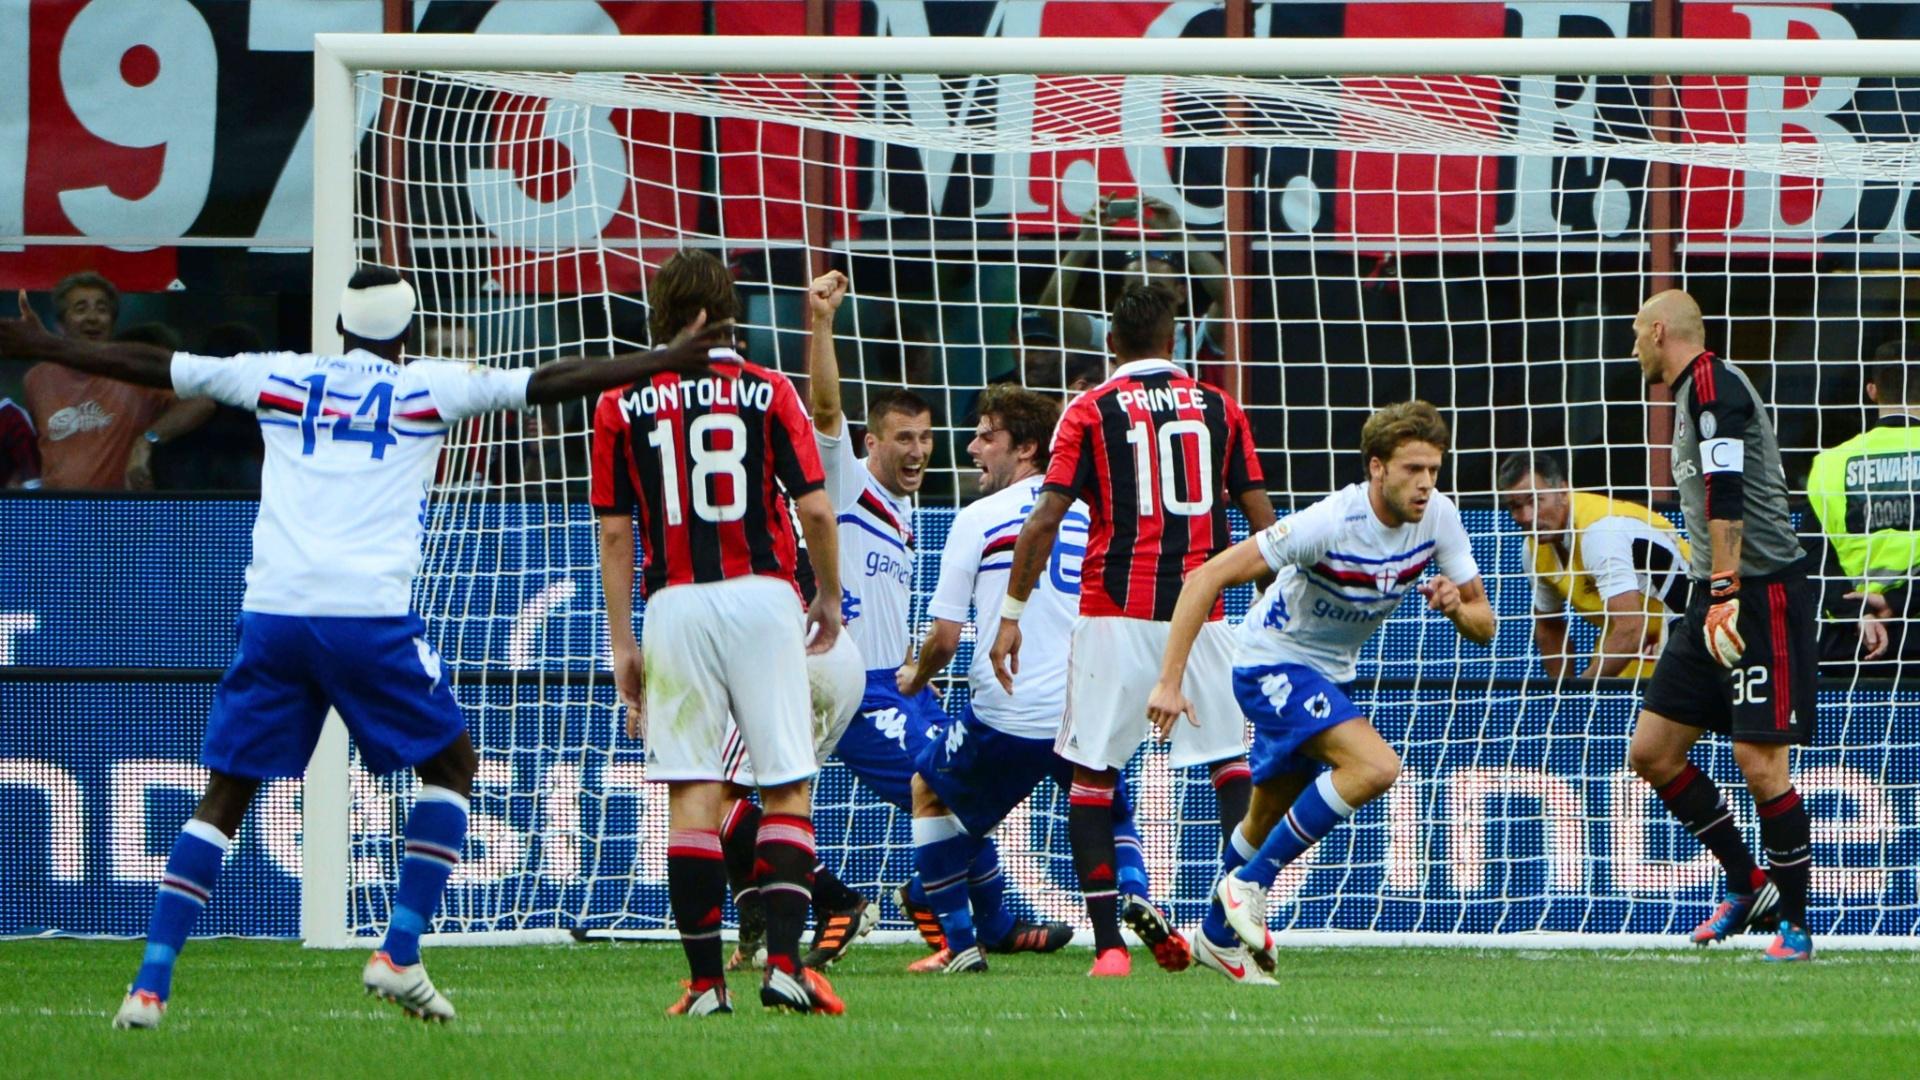 Jogadores da Sampdoria comemoram gol sobre o Milan em pleno San Siro